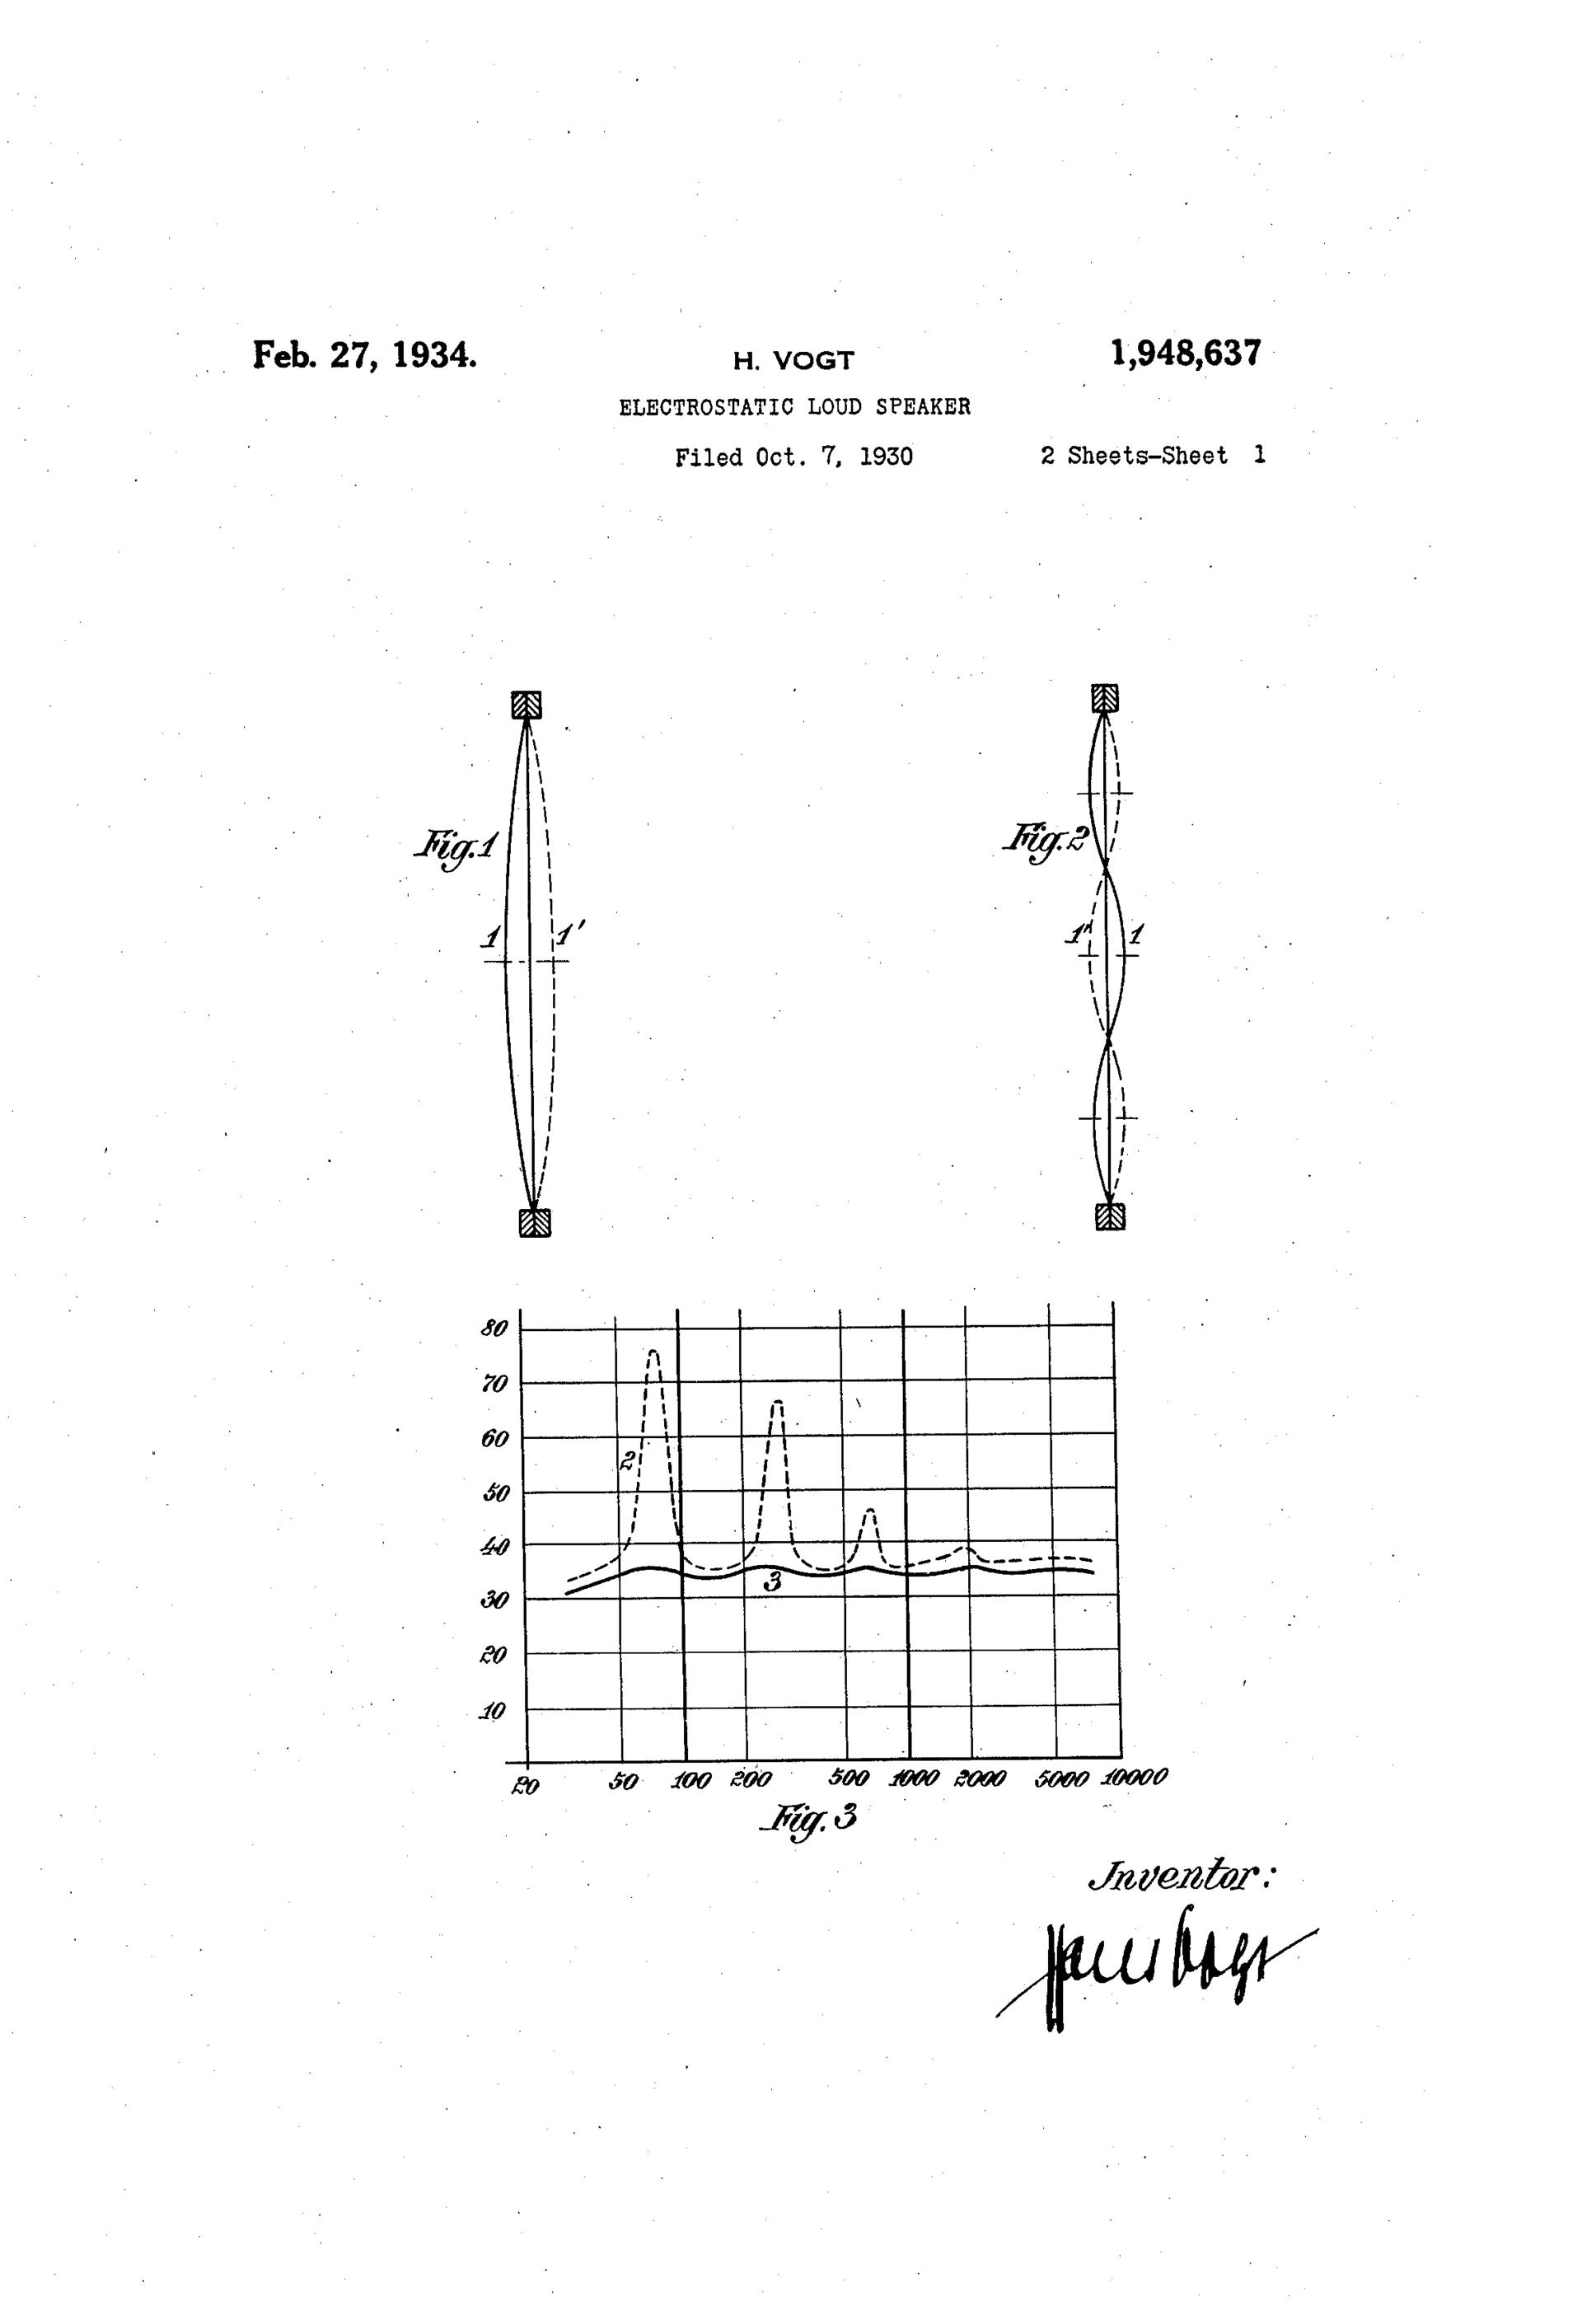 «Анатомия» домашних акустических систем: электростаты. Ода ровной АЧХ, страсти по цене, возможности DIY - 7